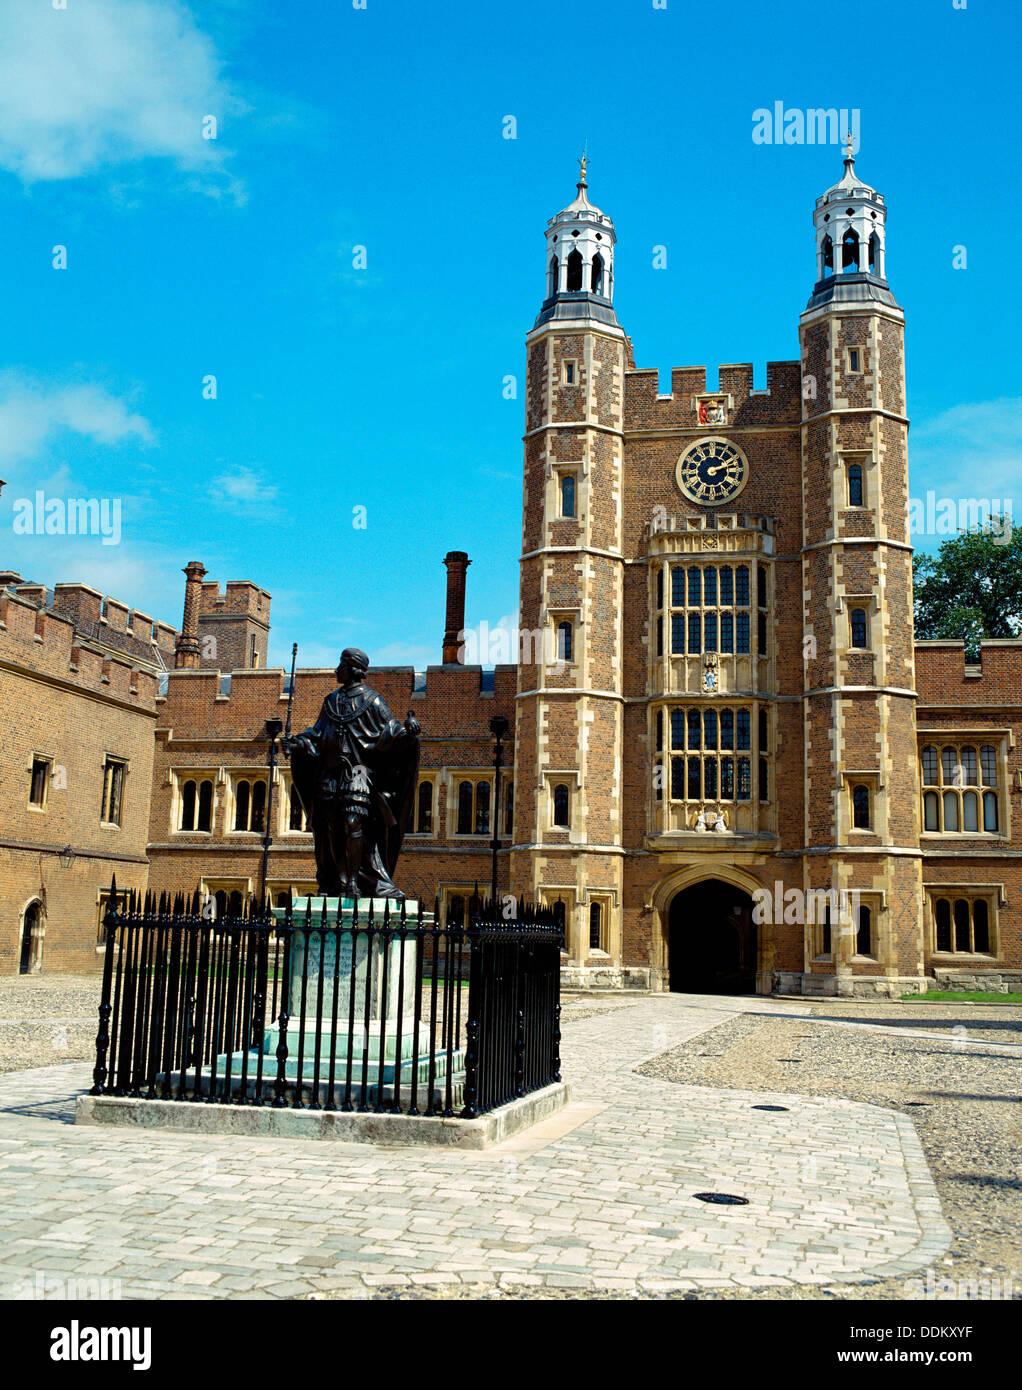 Eton College, Eton, Berkshire, UK - Stock Image